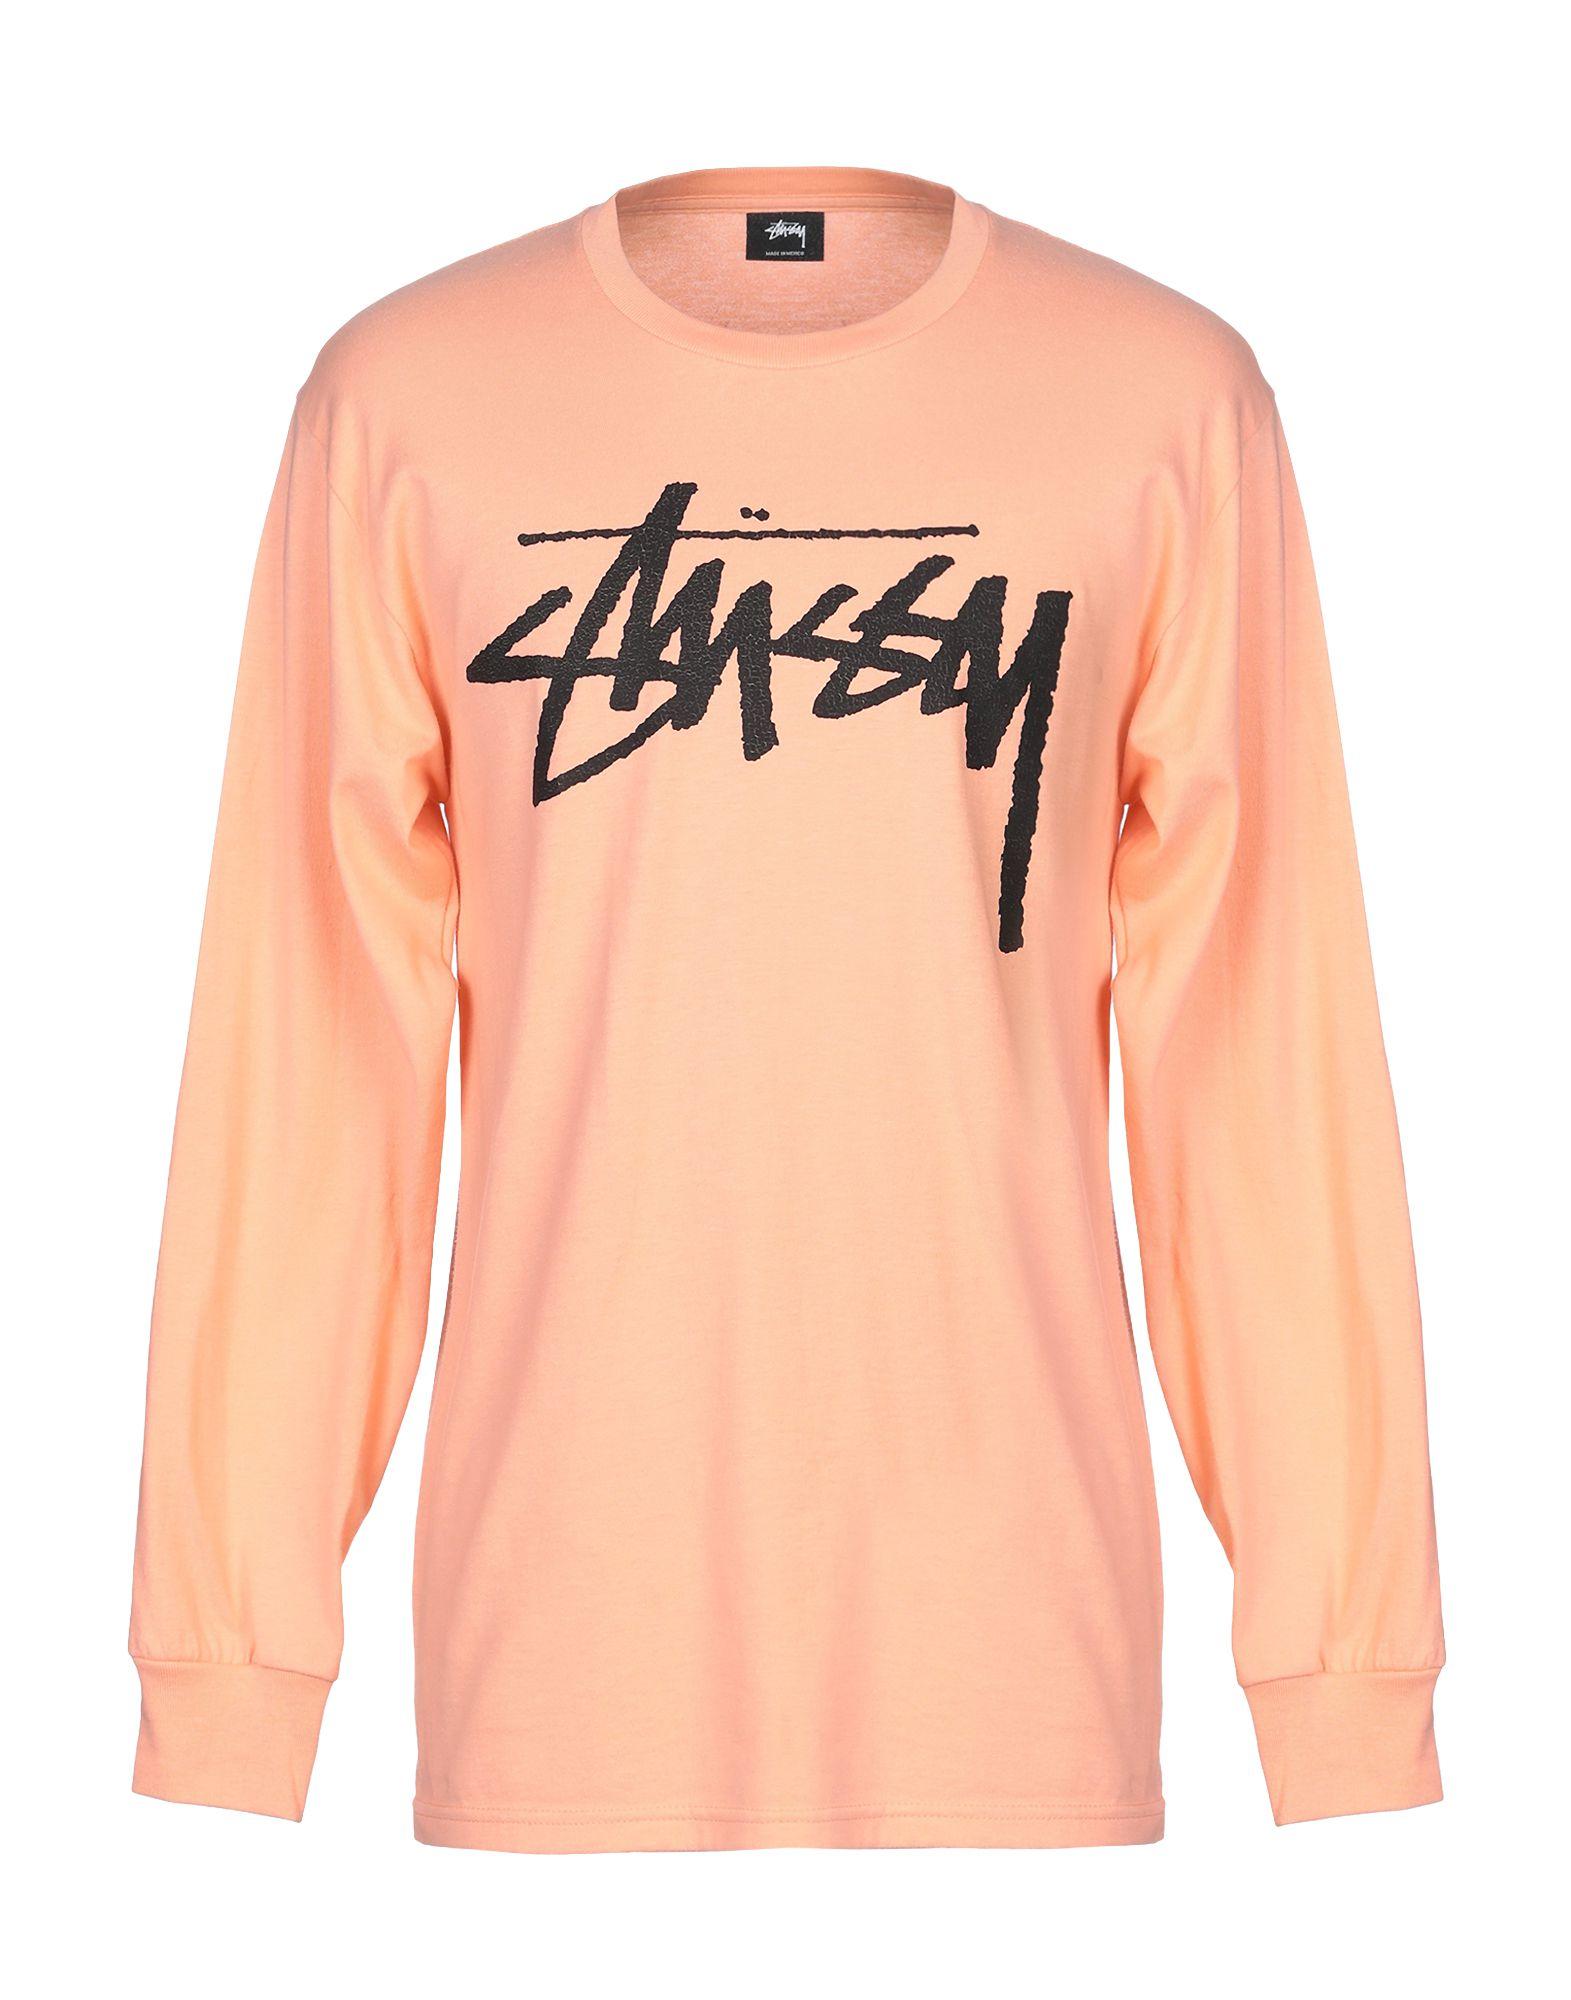 《送料無料》STUSSY メンズ T シャツ サーモンピンク M コットン 100%